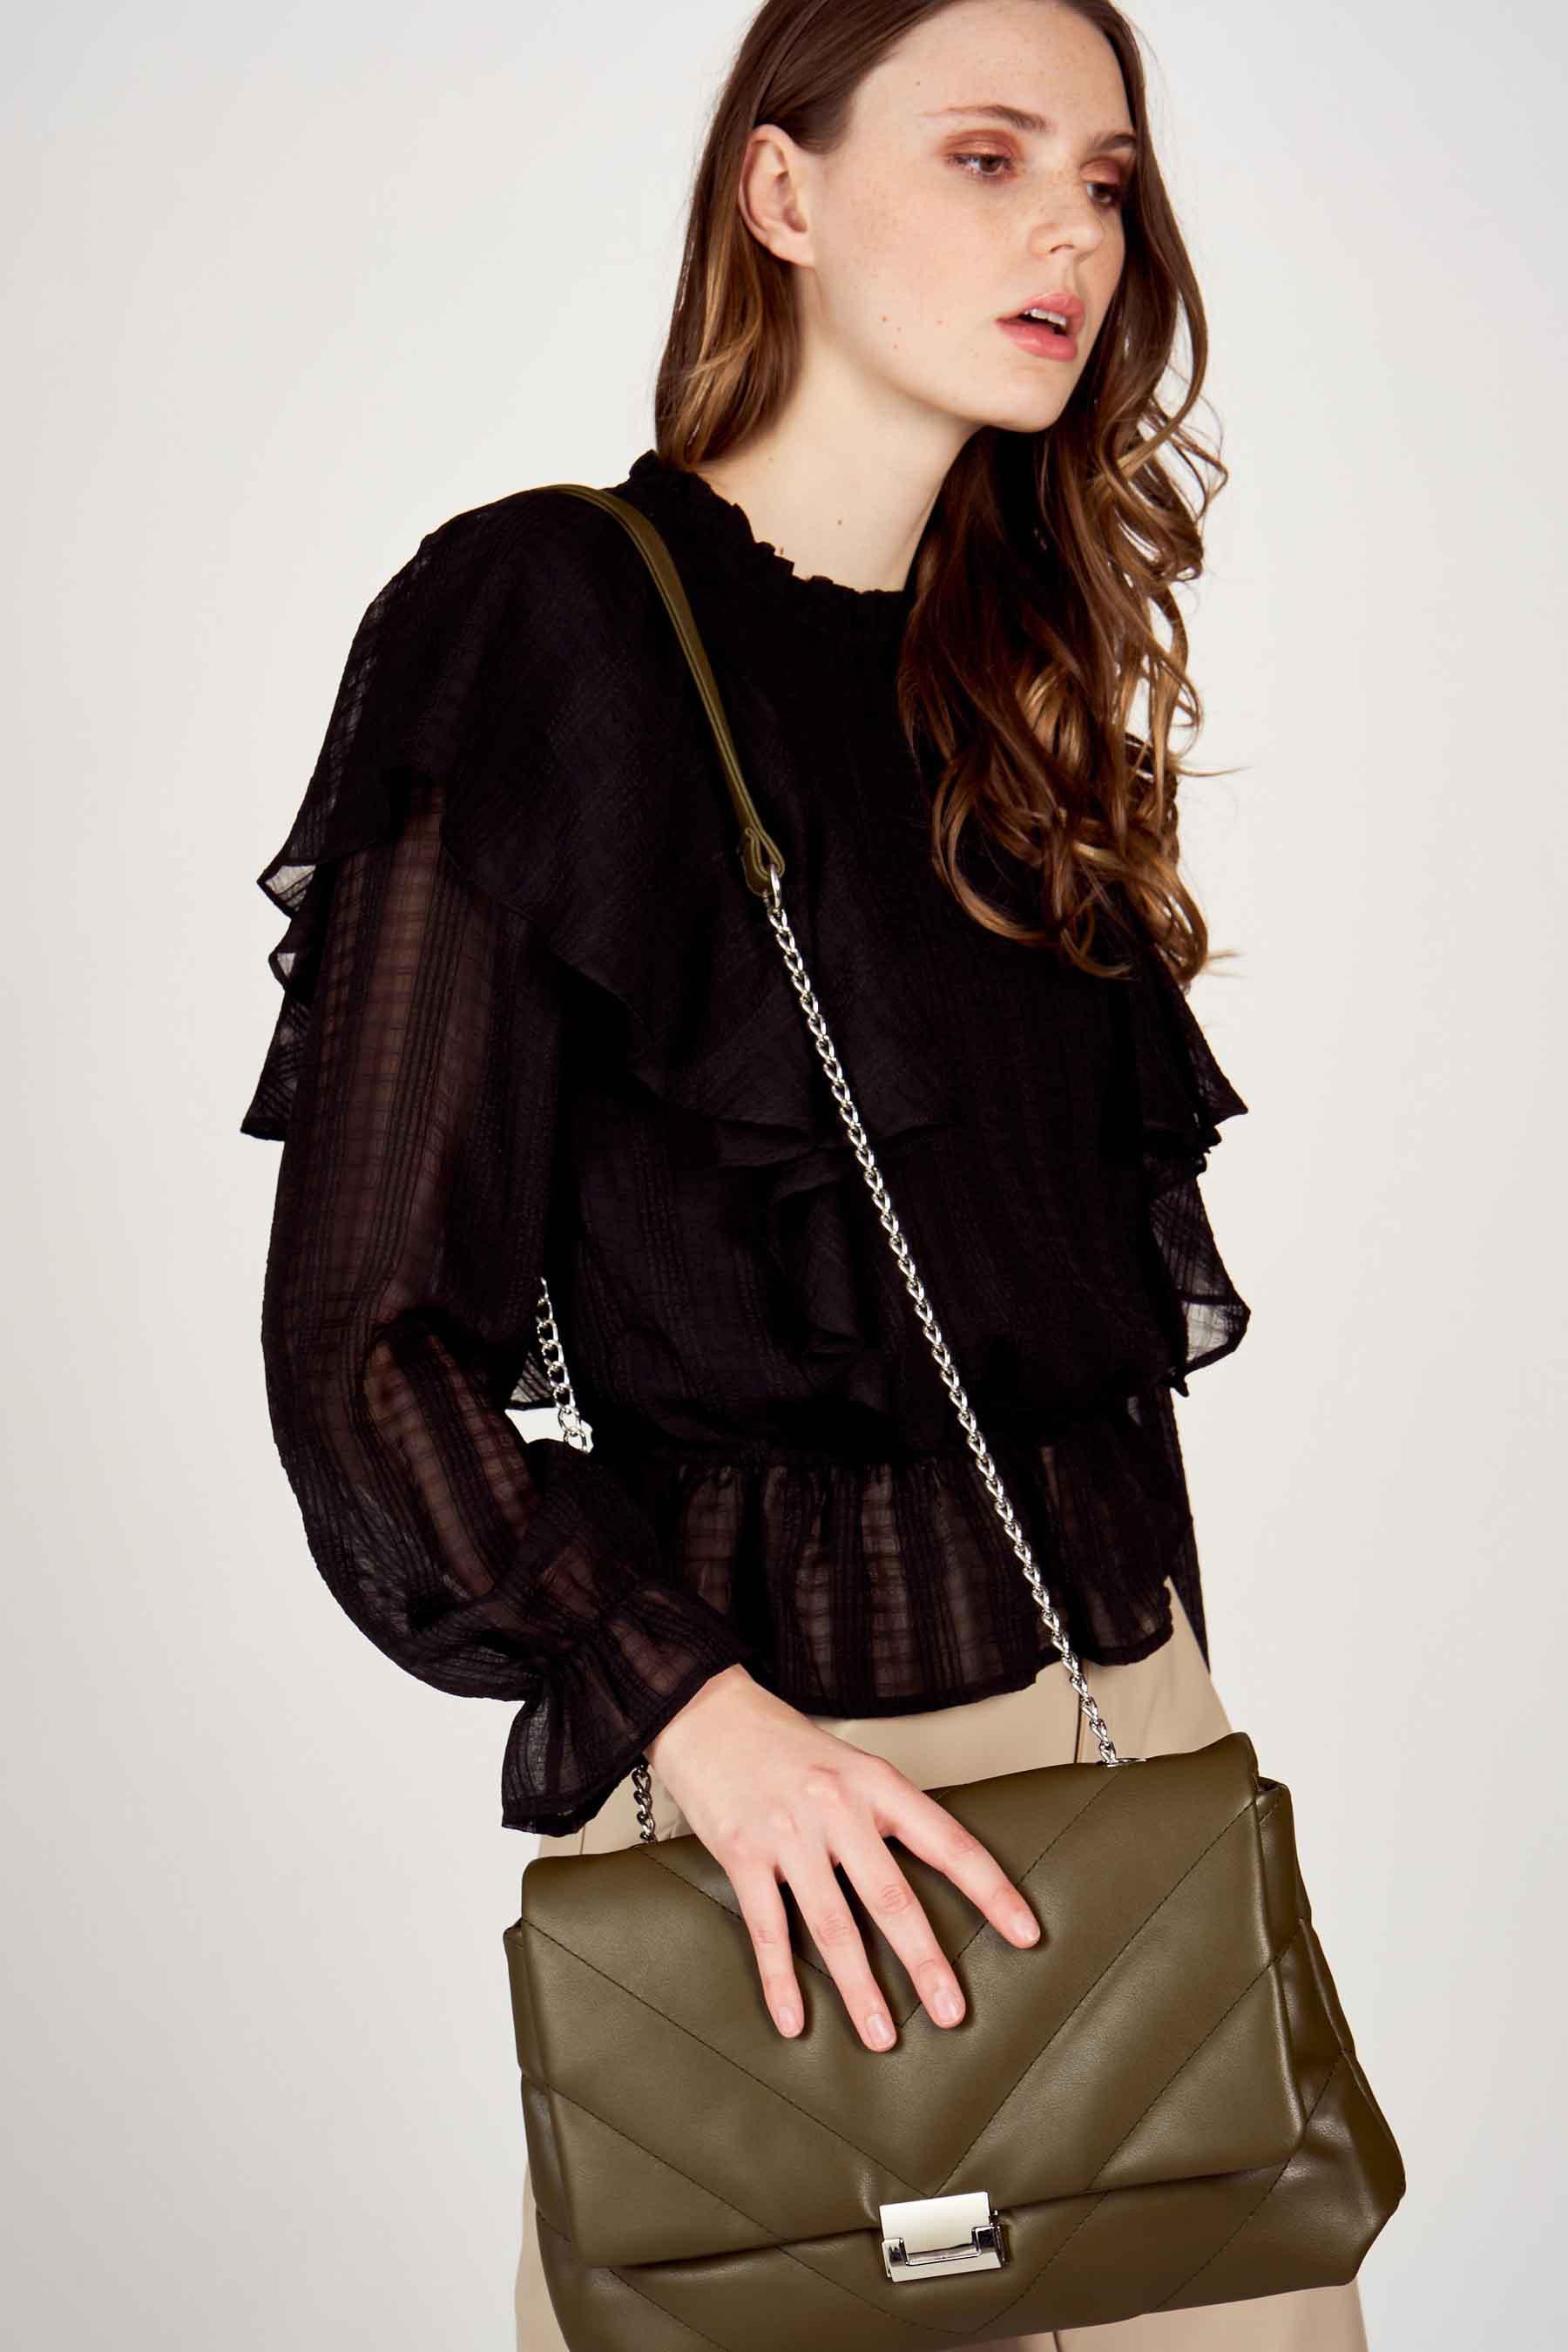 Vero Moda® Blouse lange mouwen, Zwart, Dames, Maat: L/M/S/XS